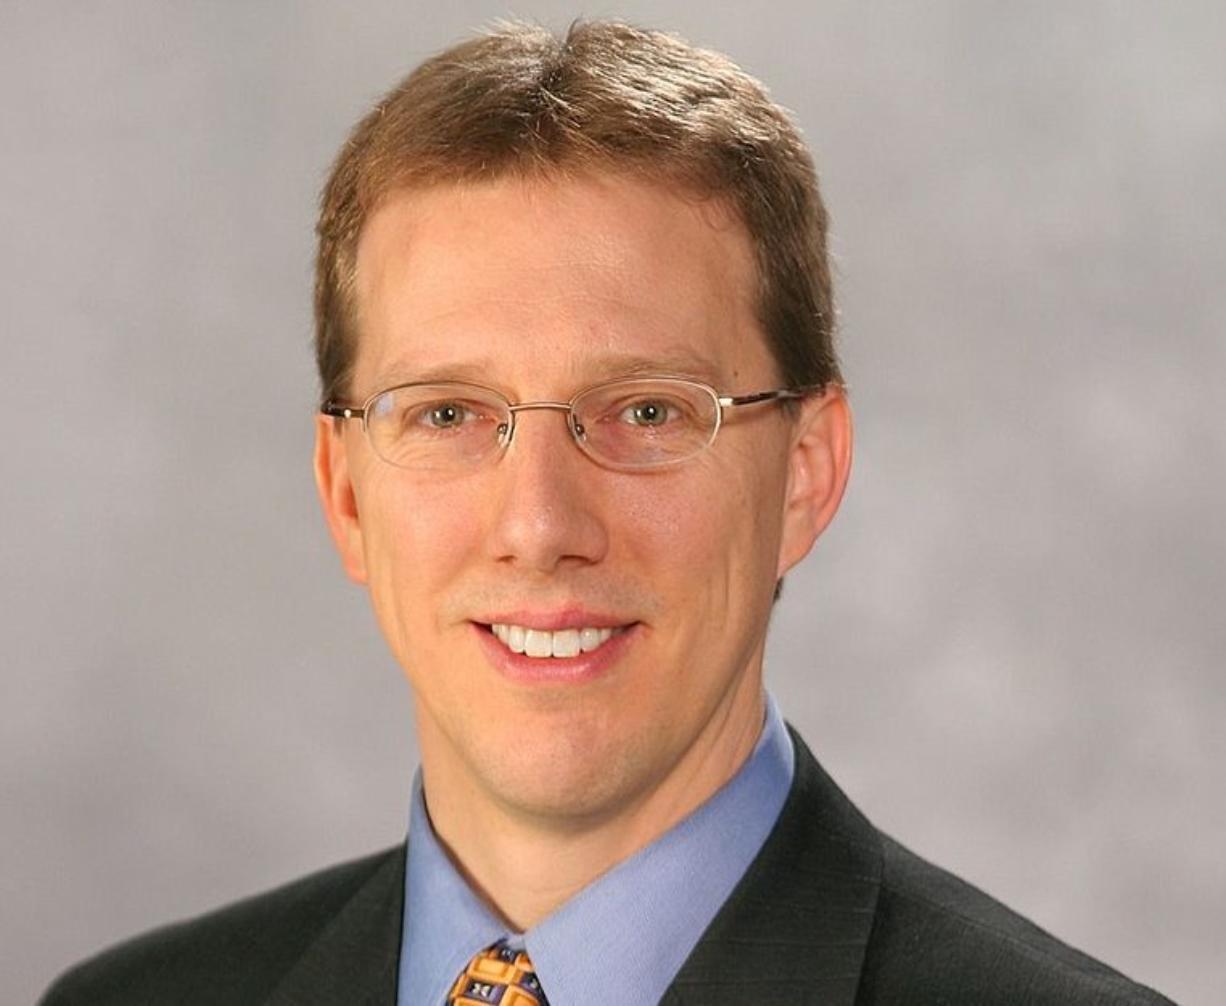 Rep. Jim Jacks